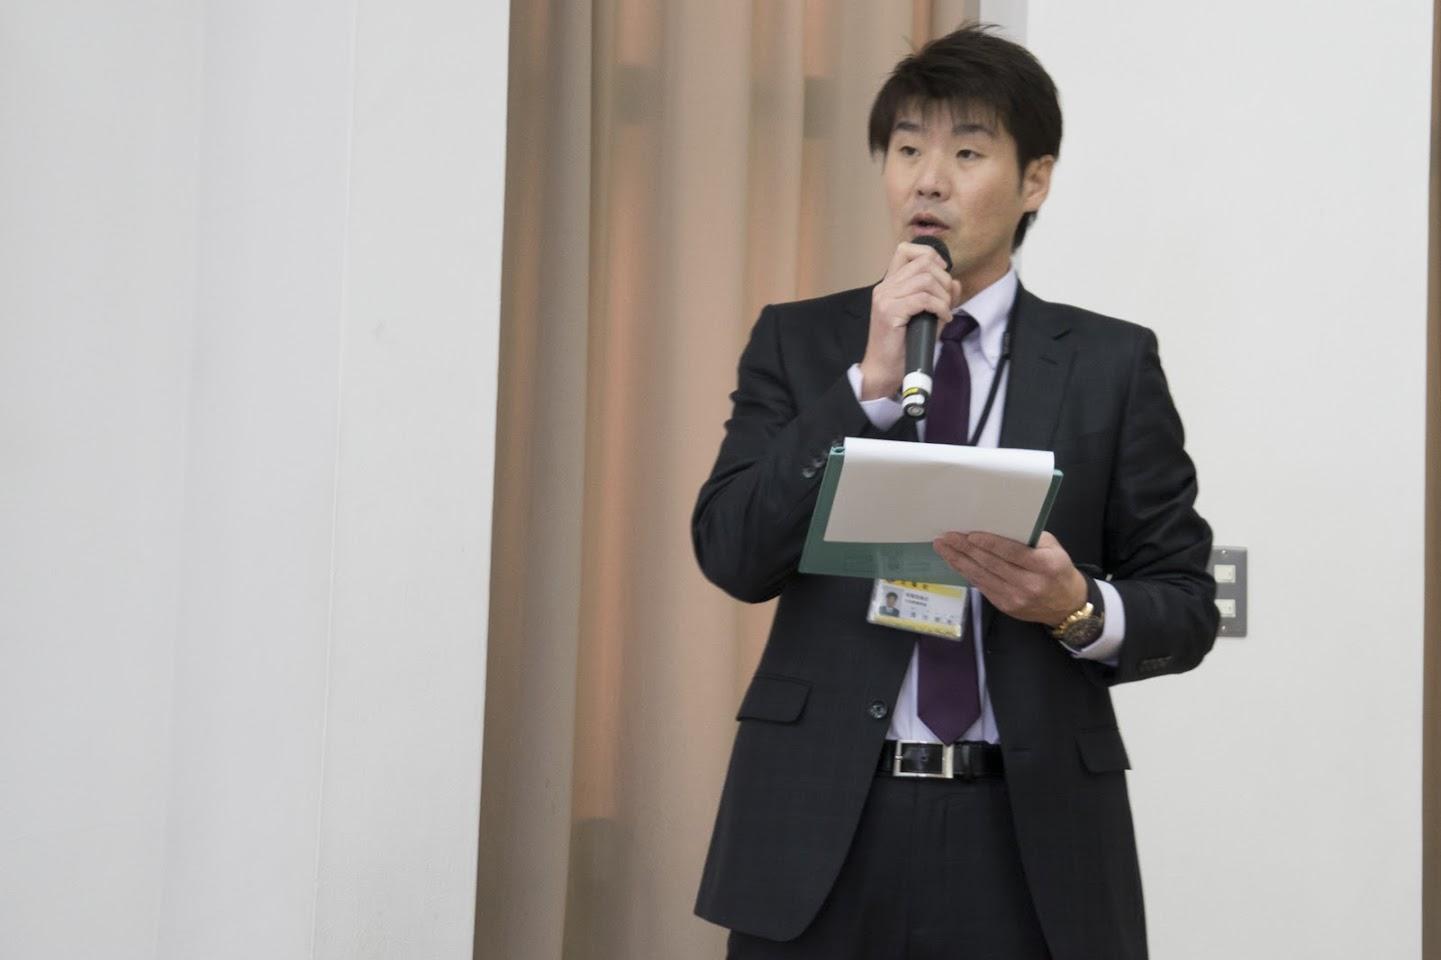 教育委員会・長谷育男 係長の司会